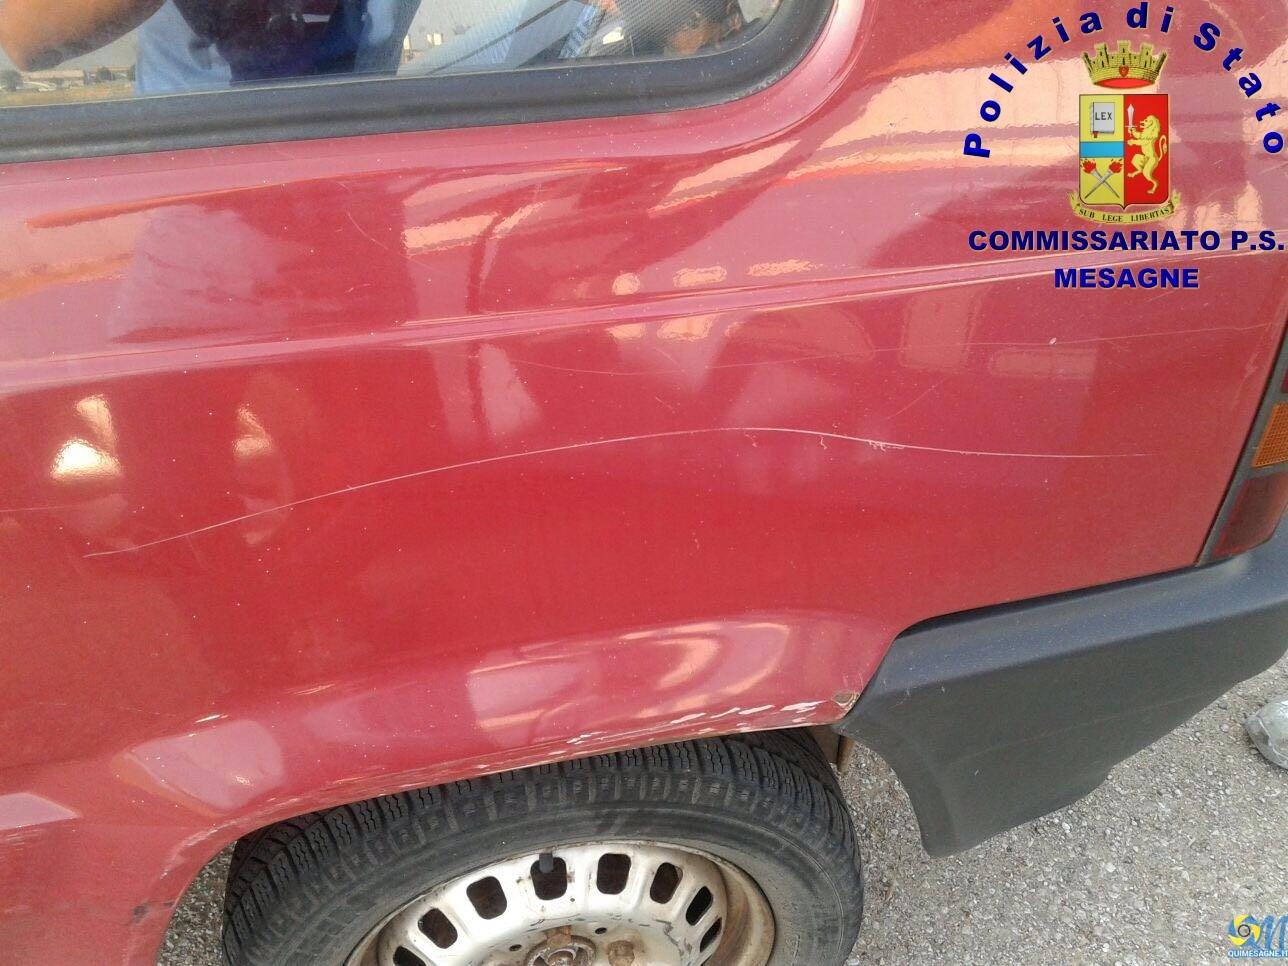 Denunciato a piede libero l'artigiano mesagnese che sfregiava le auto